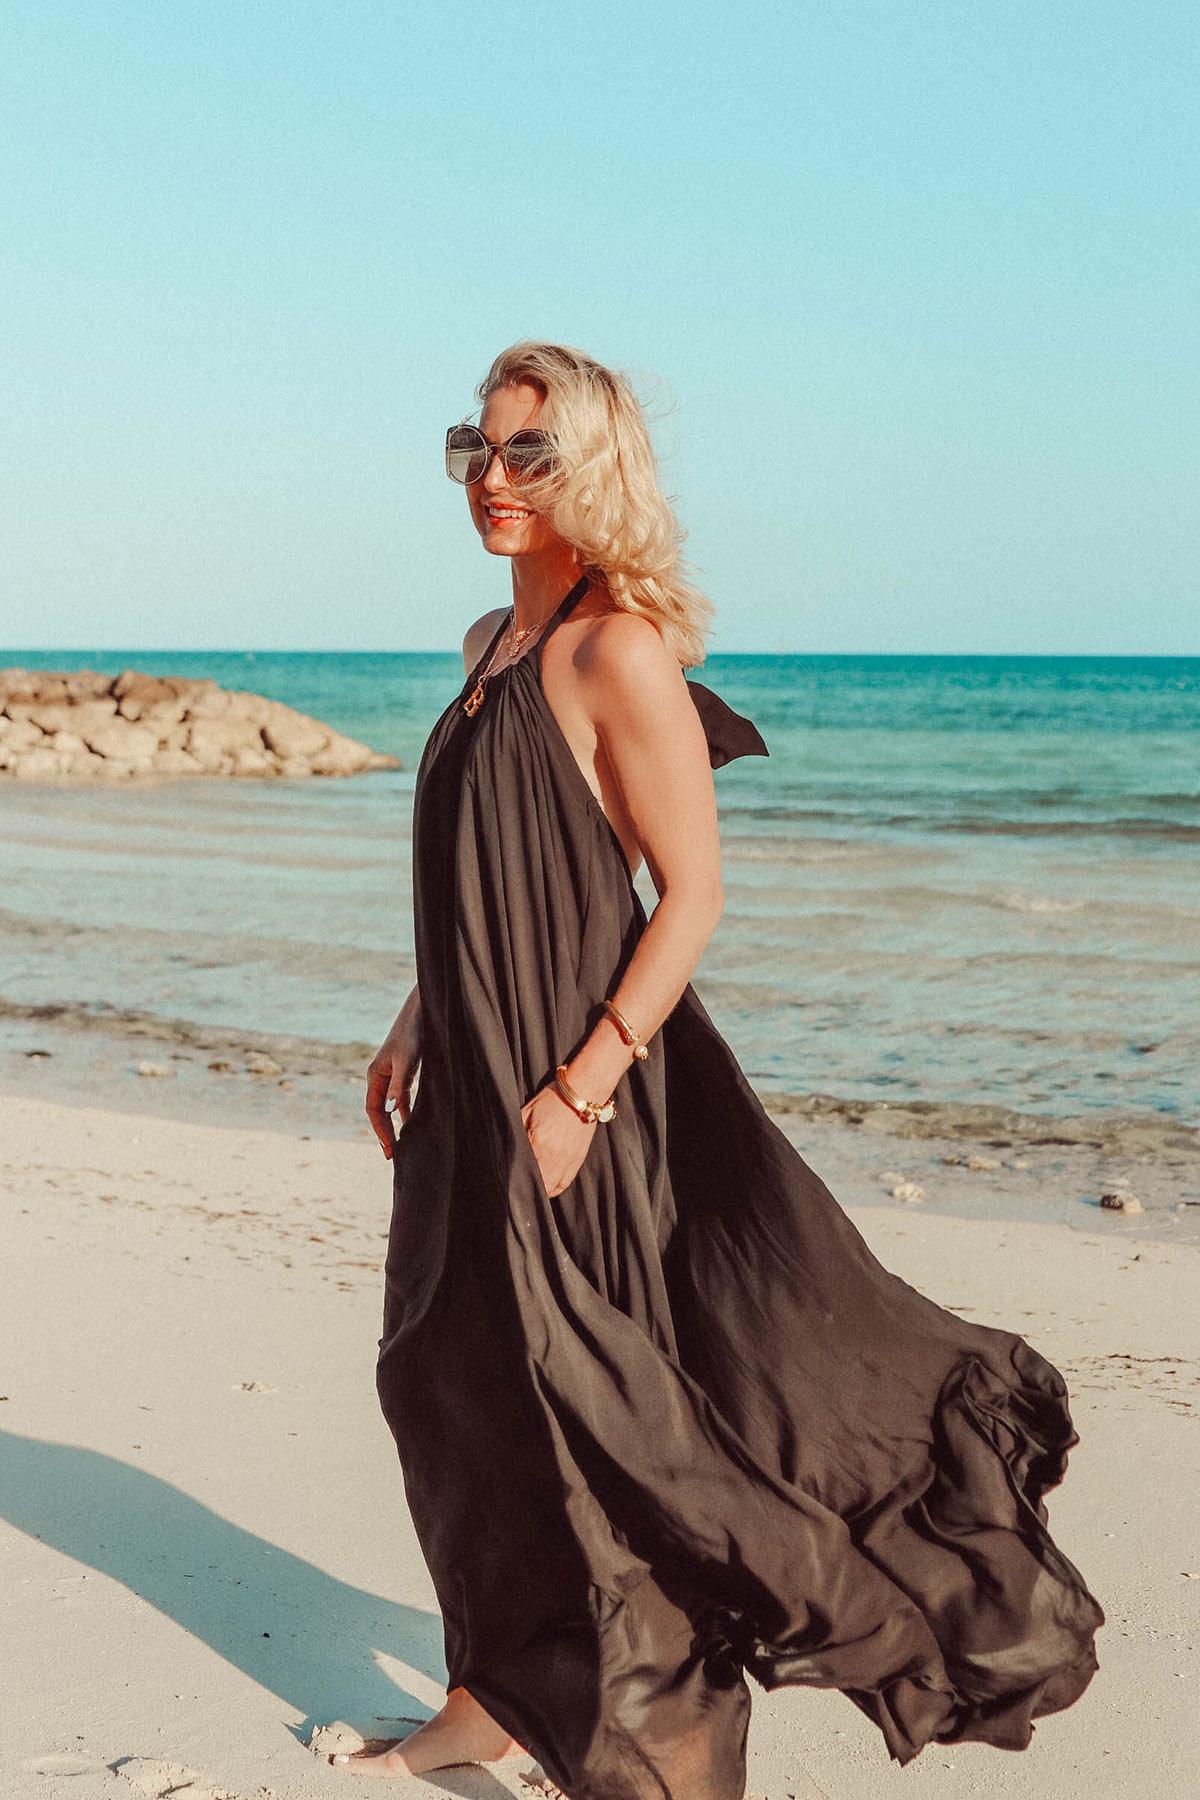 Váy cổ yếm Thiết kế này gây nhiều áp lực lên cổ, nhất là khi nàng có vòng một lớn. Không phân bổ đều trọng lượng qua vai như áo thun đơn giản, váy yếm khiến bạn phải duy trì một tư thế không thoải mái, dẫn đến nhức mỏi.